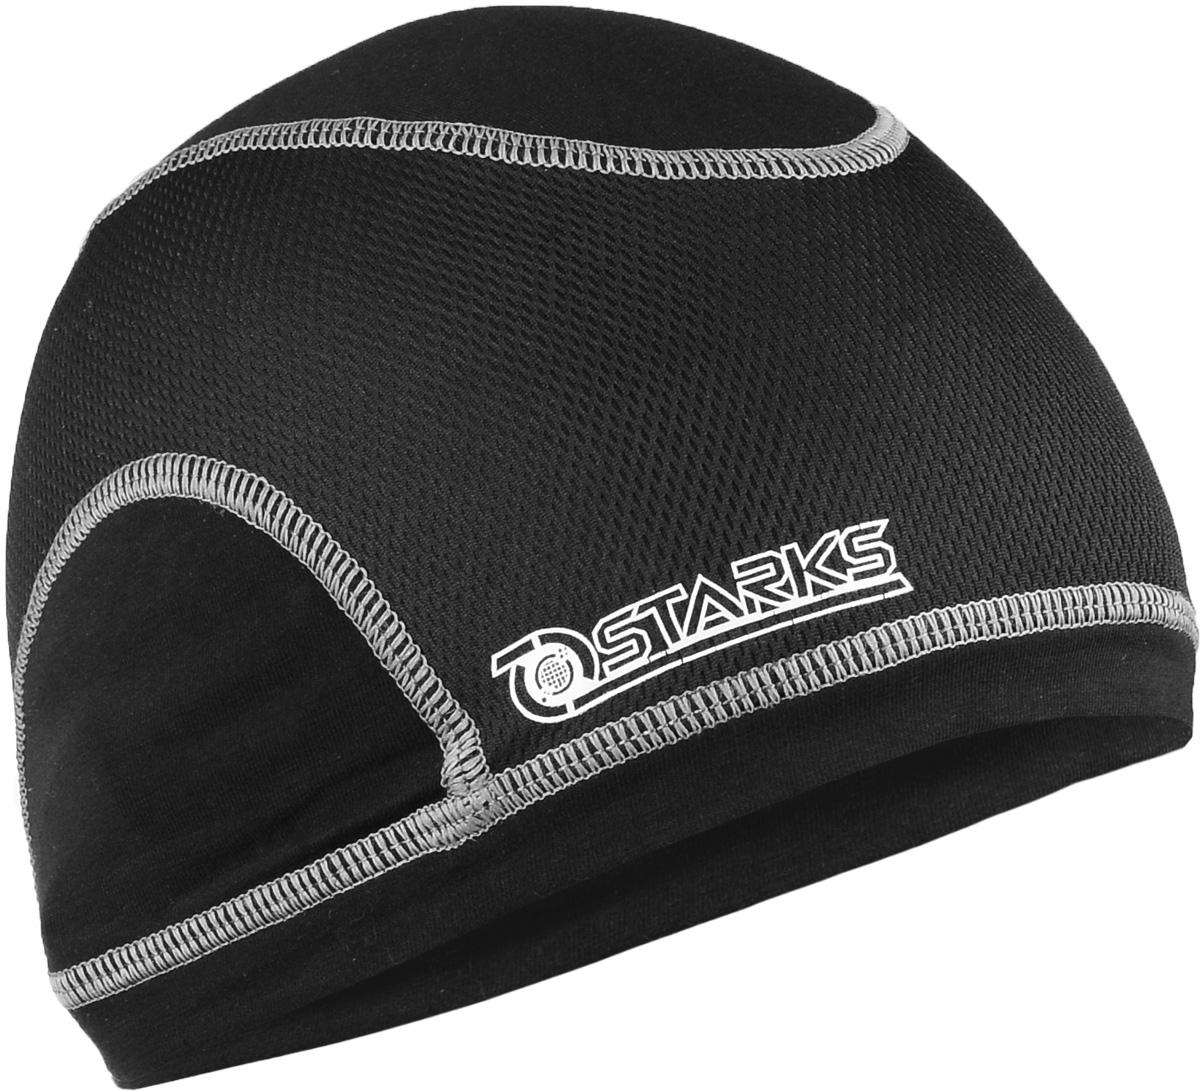 Подшлемник-шапочка Starks Half, цвет: черный, серыйone116Комбинированный подшлемник-шапочка Starks Half предназначен для использования с открытым шлемом. Анатомическая форма не создает складок на голове. Особенность модели заключается в перфорации. Терморегулирующая сетка создает прохладу голове, исключает эффект полиэтилена. Прекрасно выводит пот, жар. Изделие возможно использовать в различных видах спорта и как спортивный аксессуар (головной убор), в повседневной жизни. Высота изделия: 15 см.Ширина изделия: 24 см.